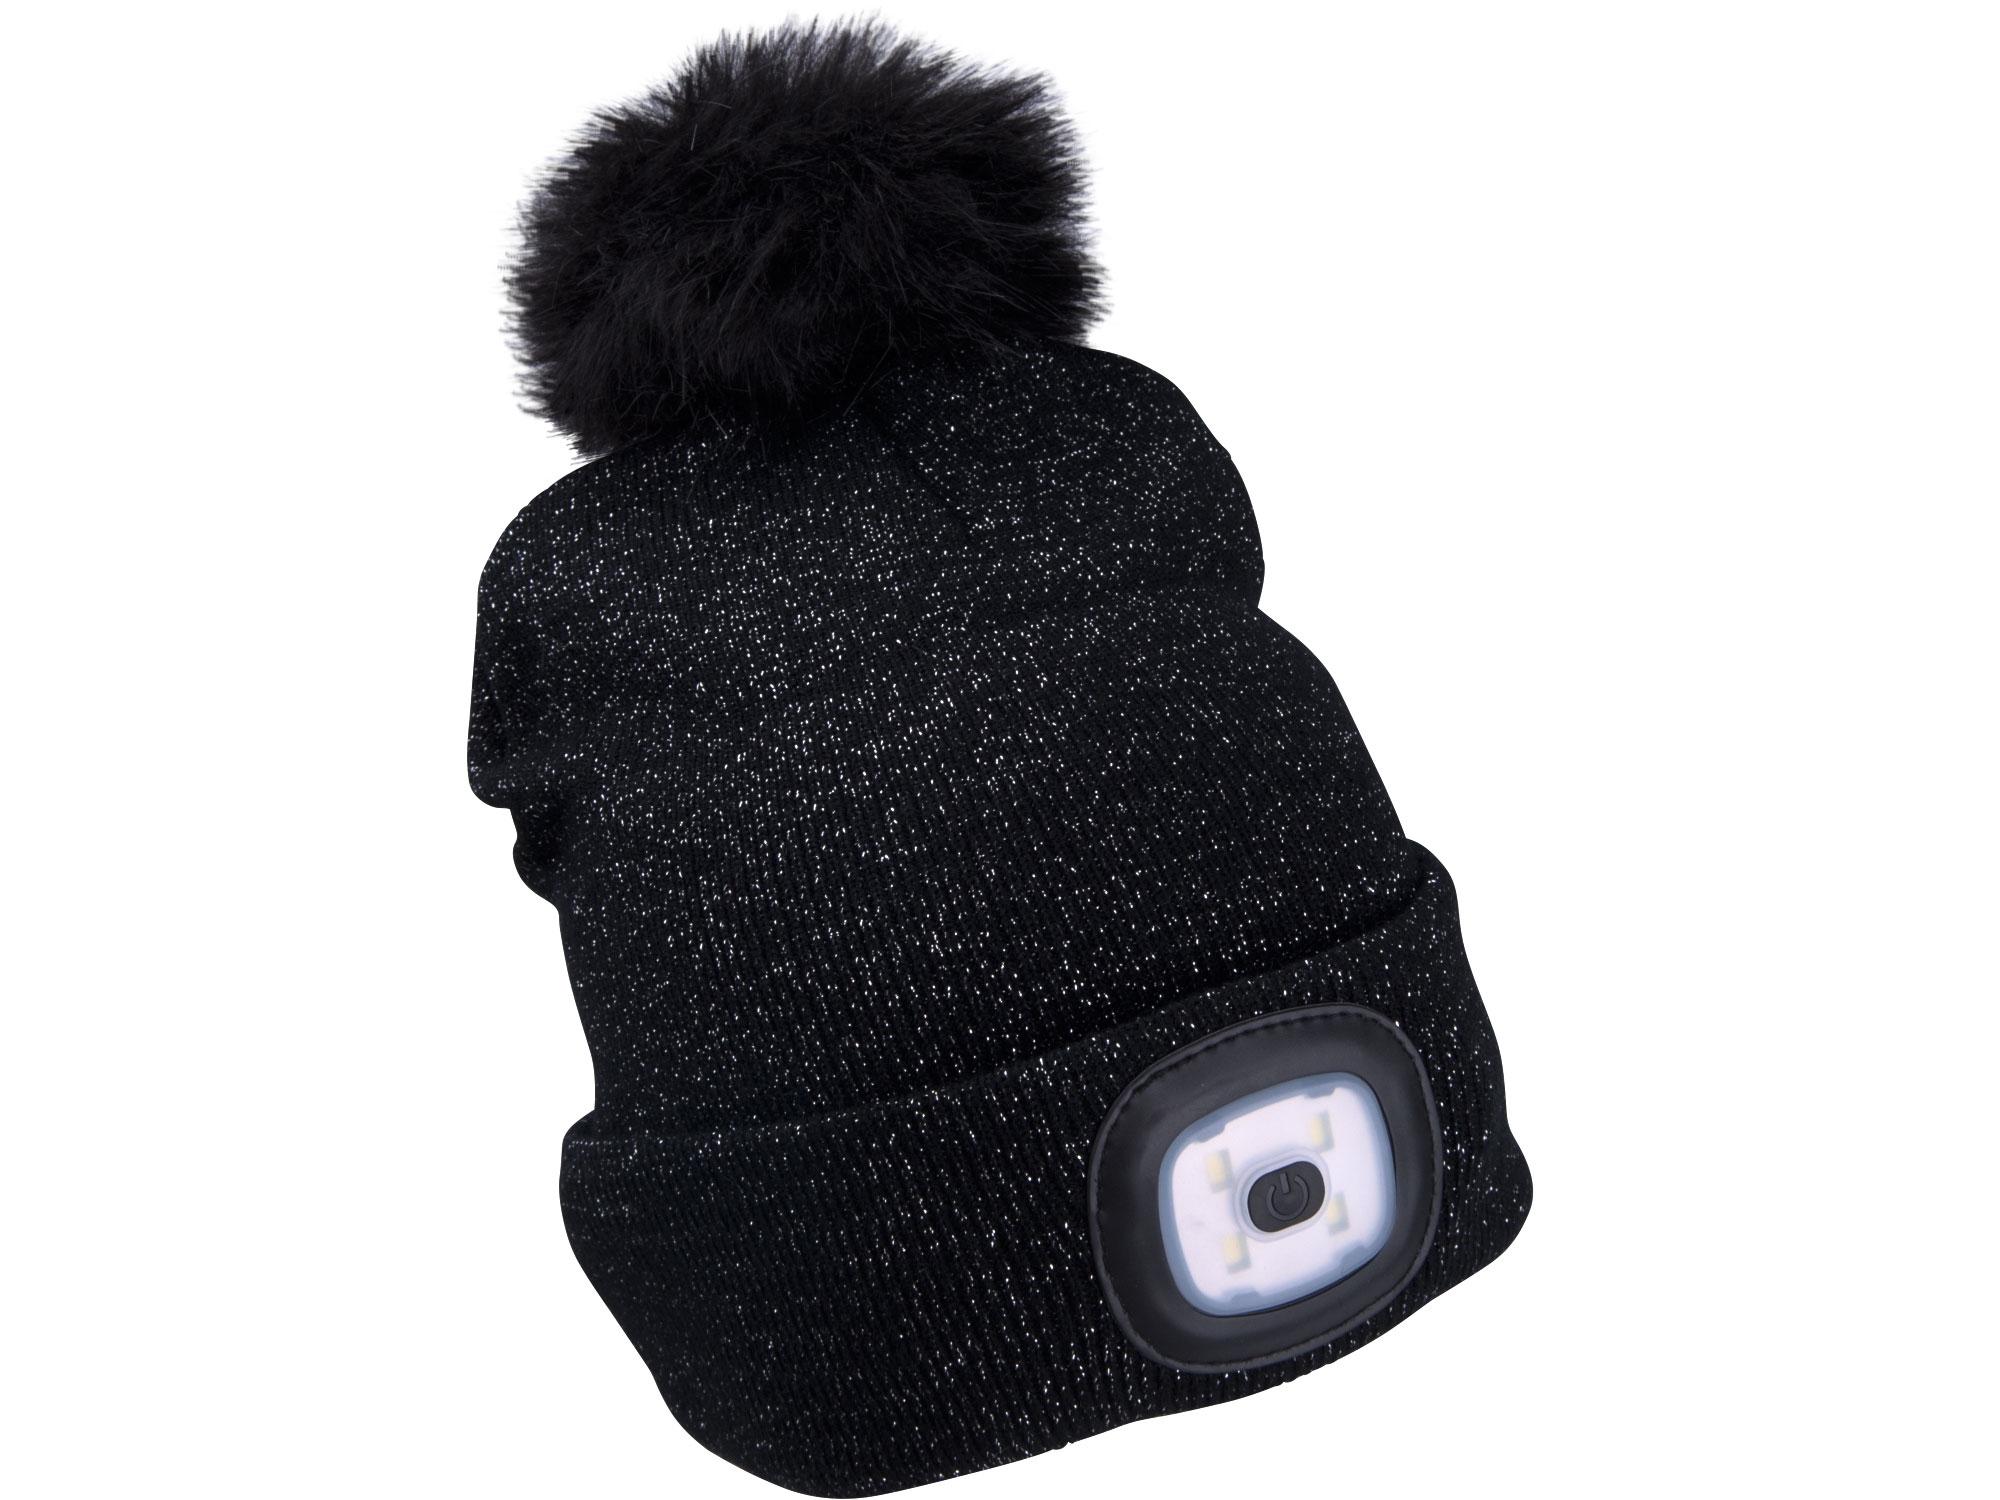 čepice s čelovkou 4x45lm, USB nabíjení, černá se třpytkou a bambulí, univerzální velikost